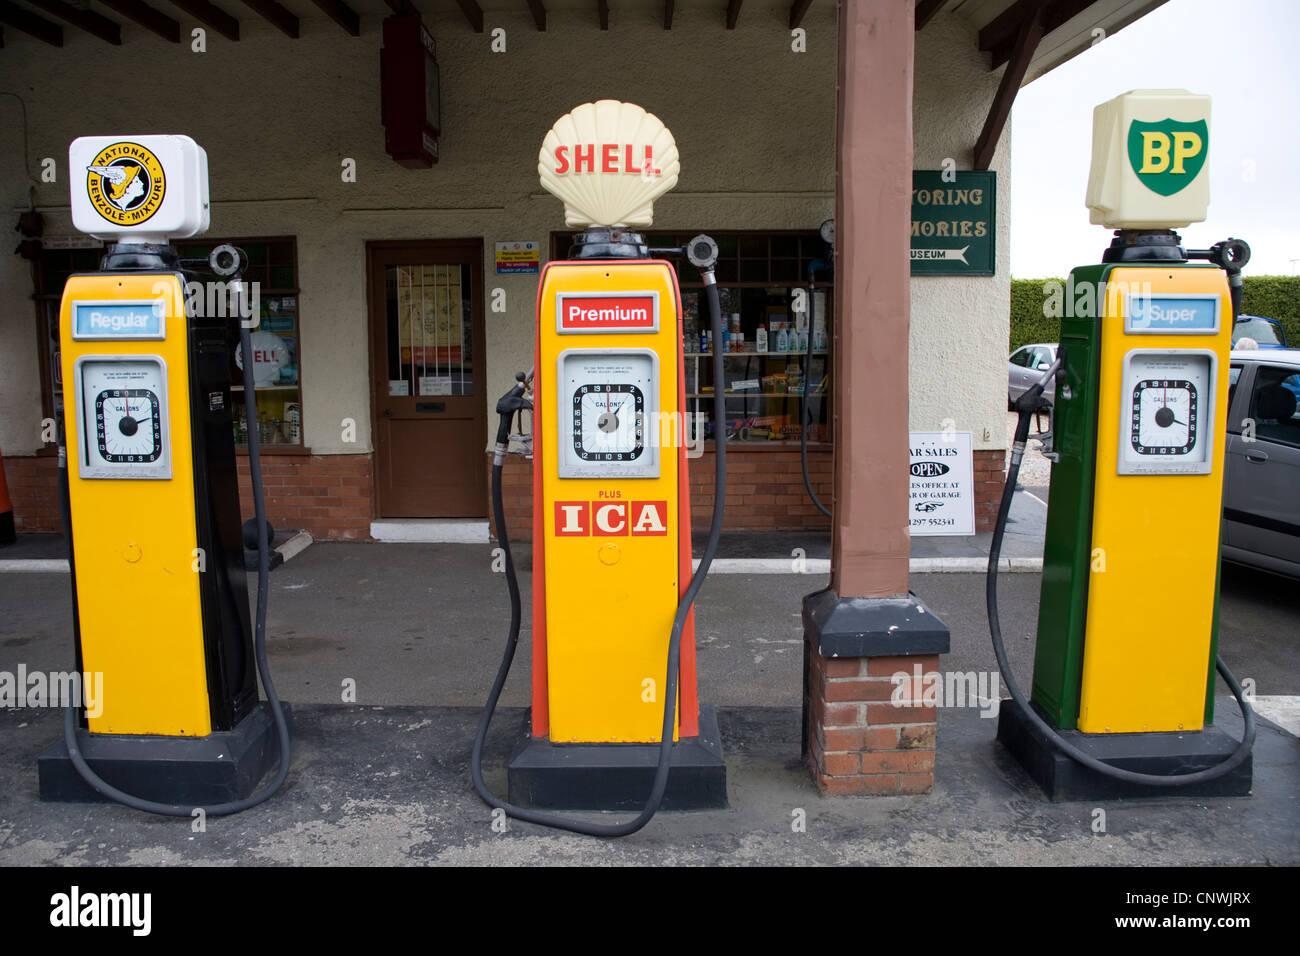 Buy Diesel Or Gas Car